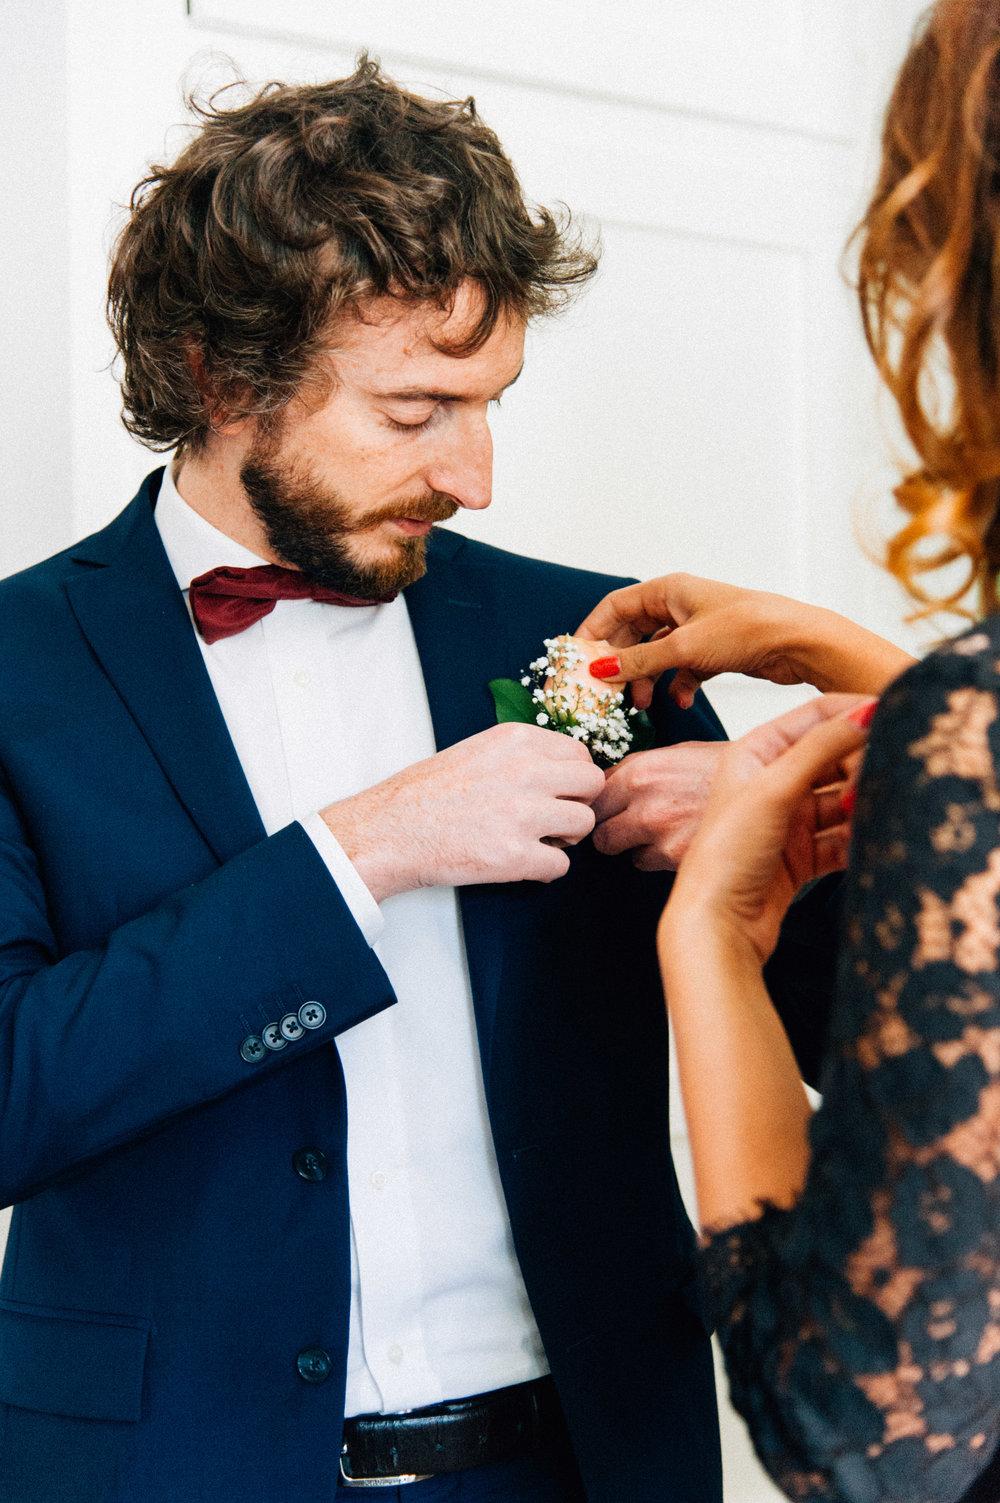 092 - Preparazione sposo.jpg